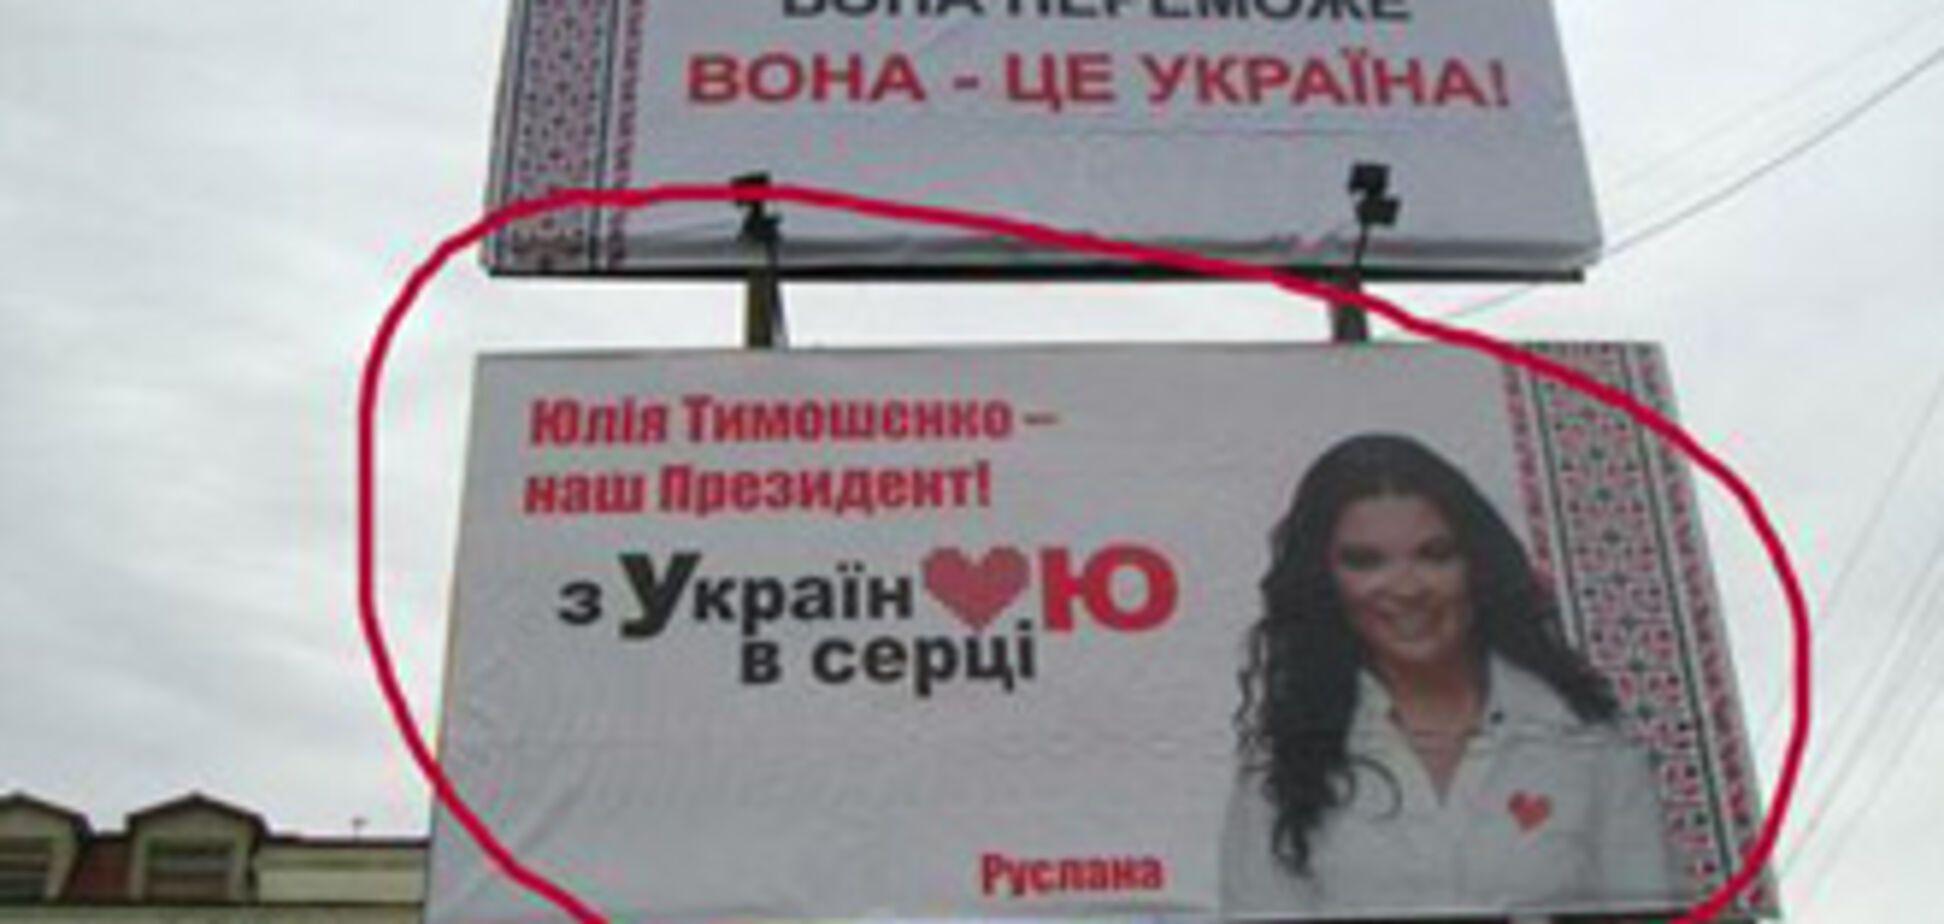 Скандал с билбордами во Львове назвали 'дешевым пиаром'